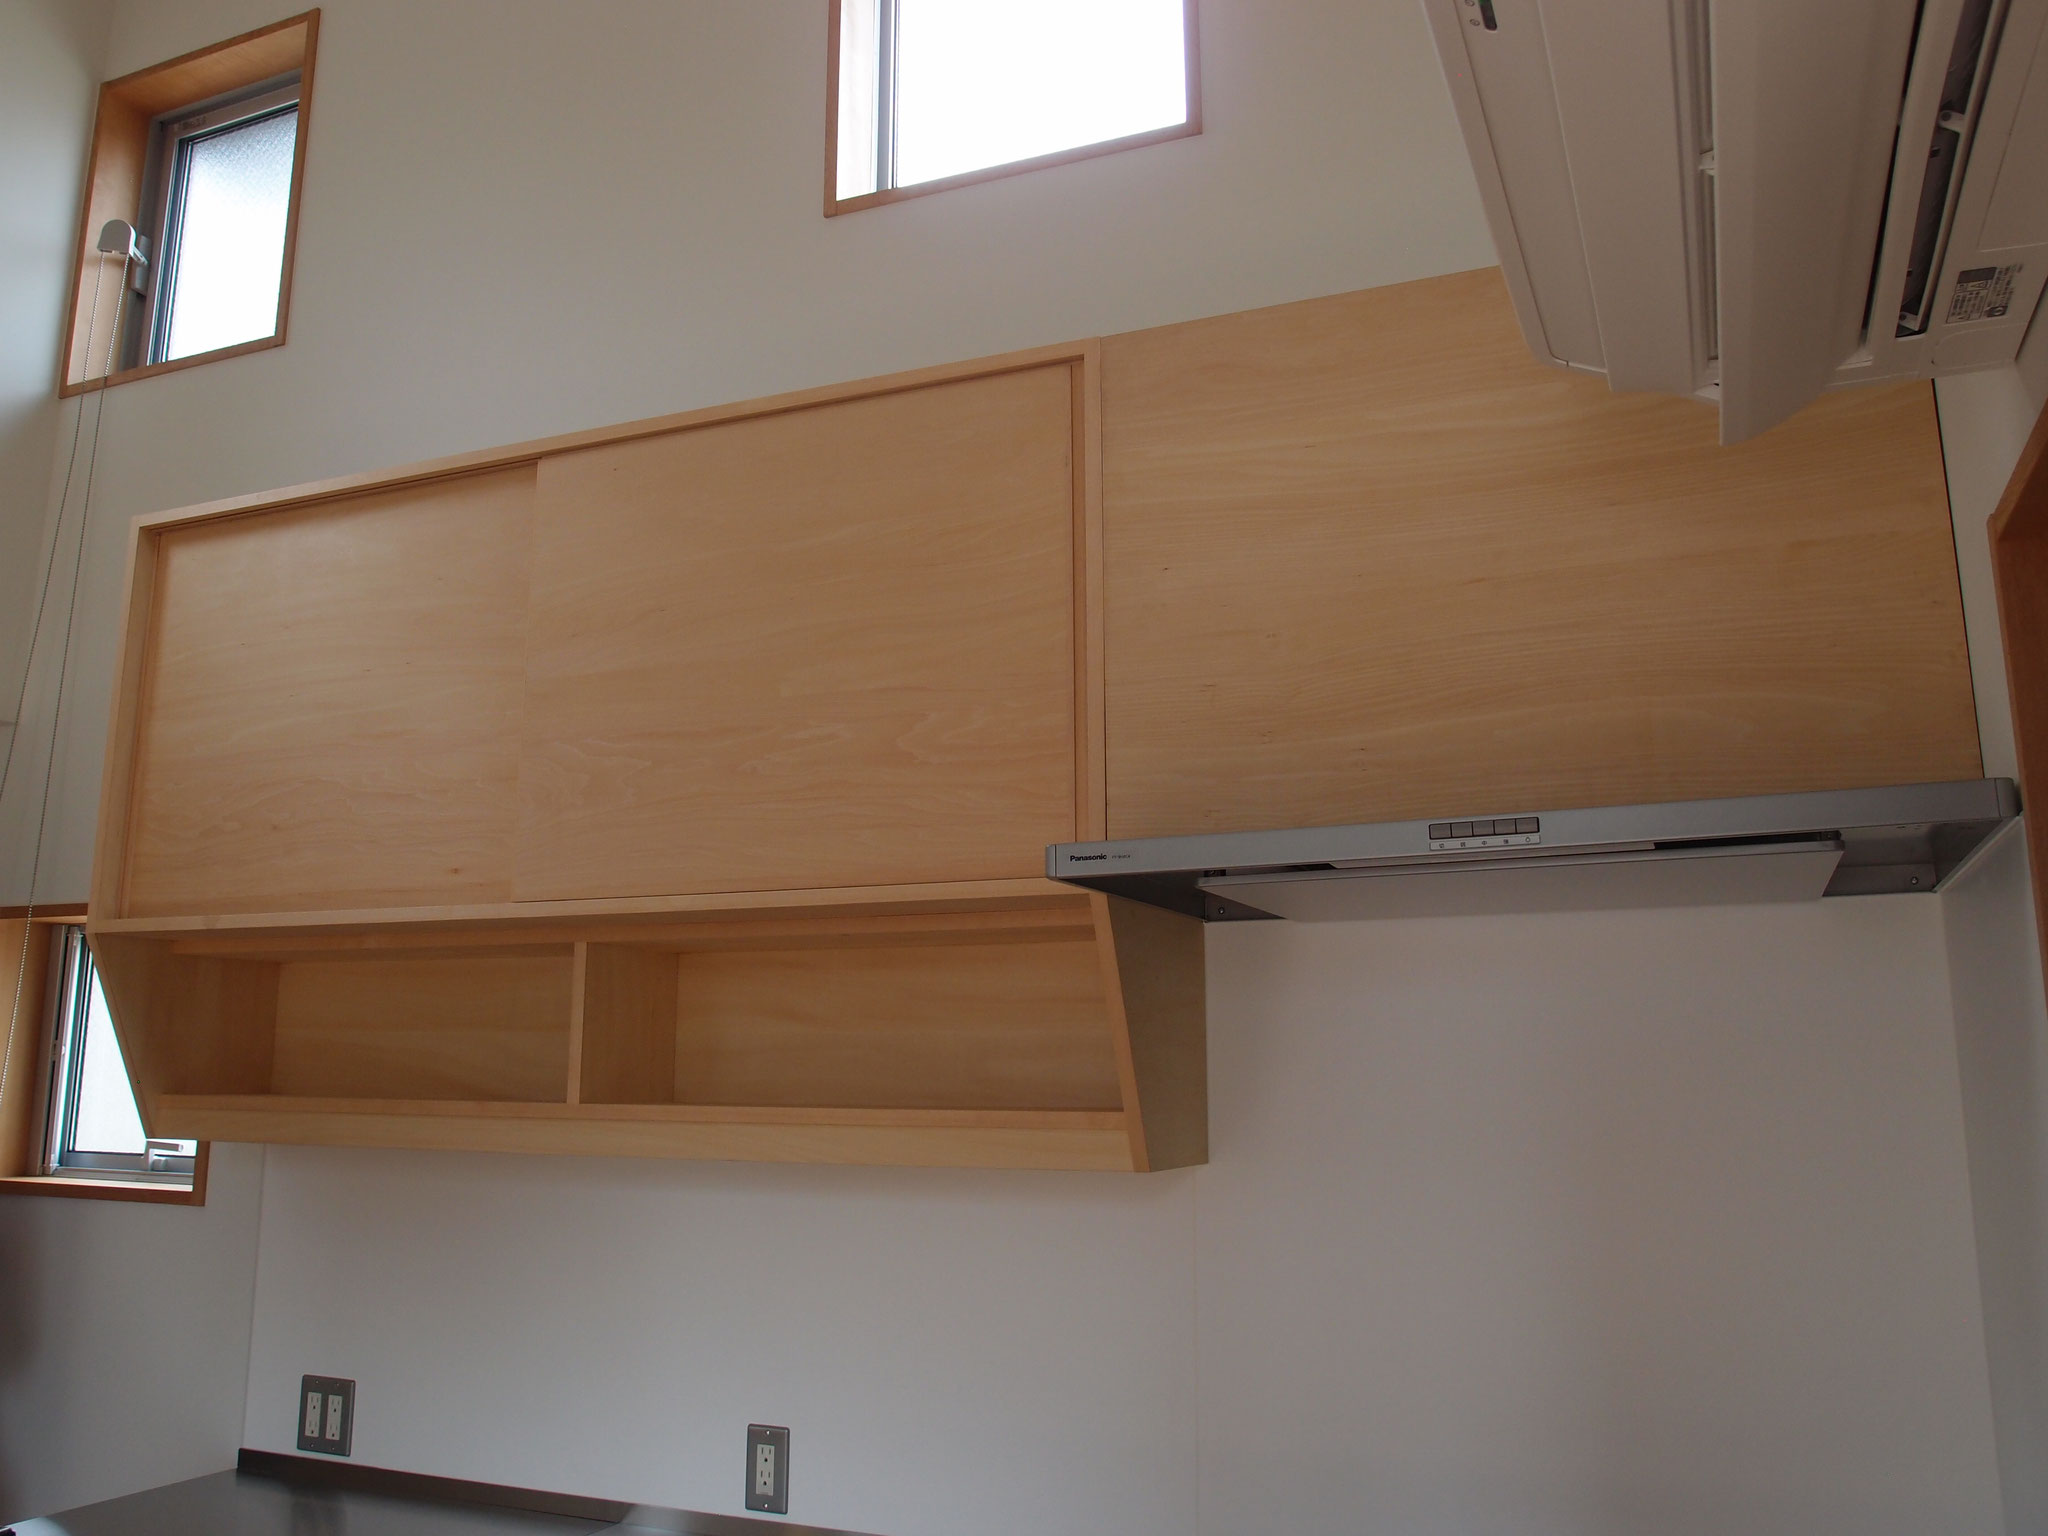 キッチン収納 吊棚